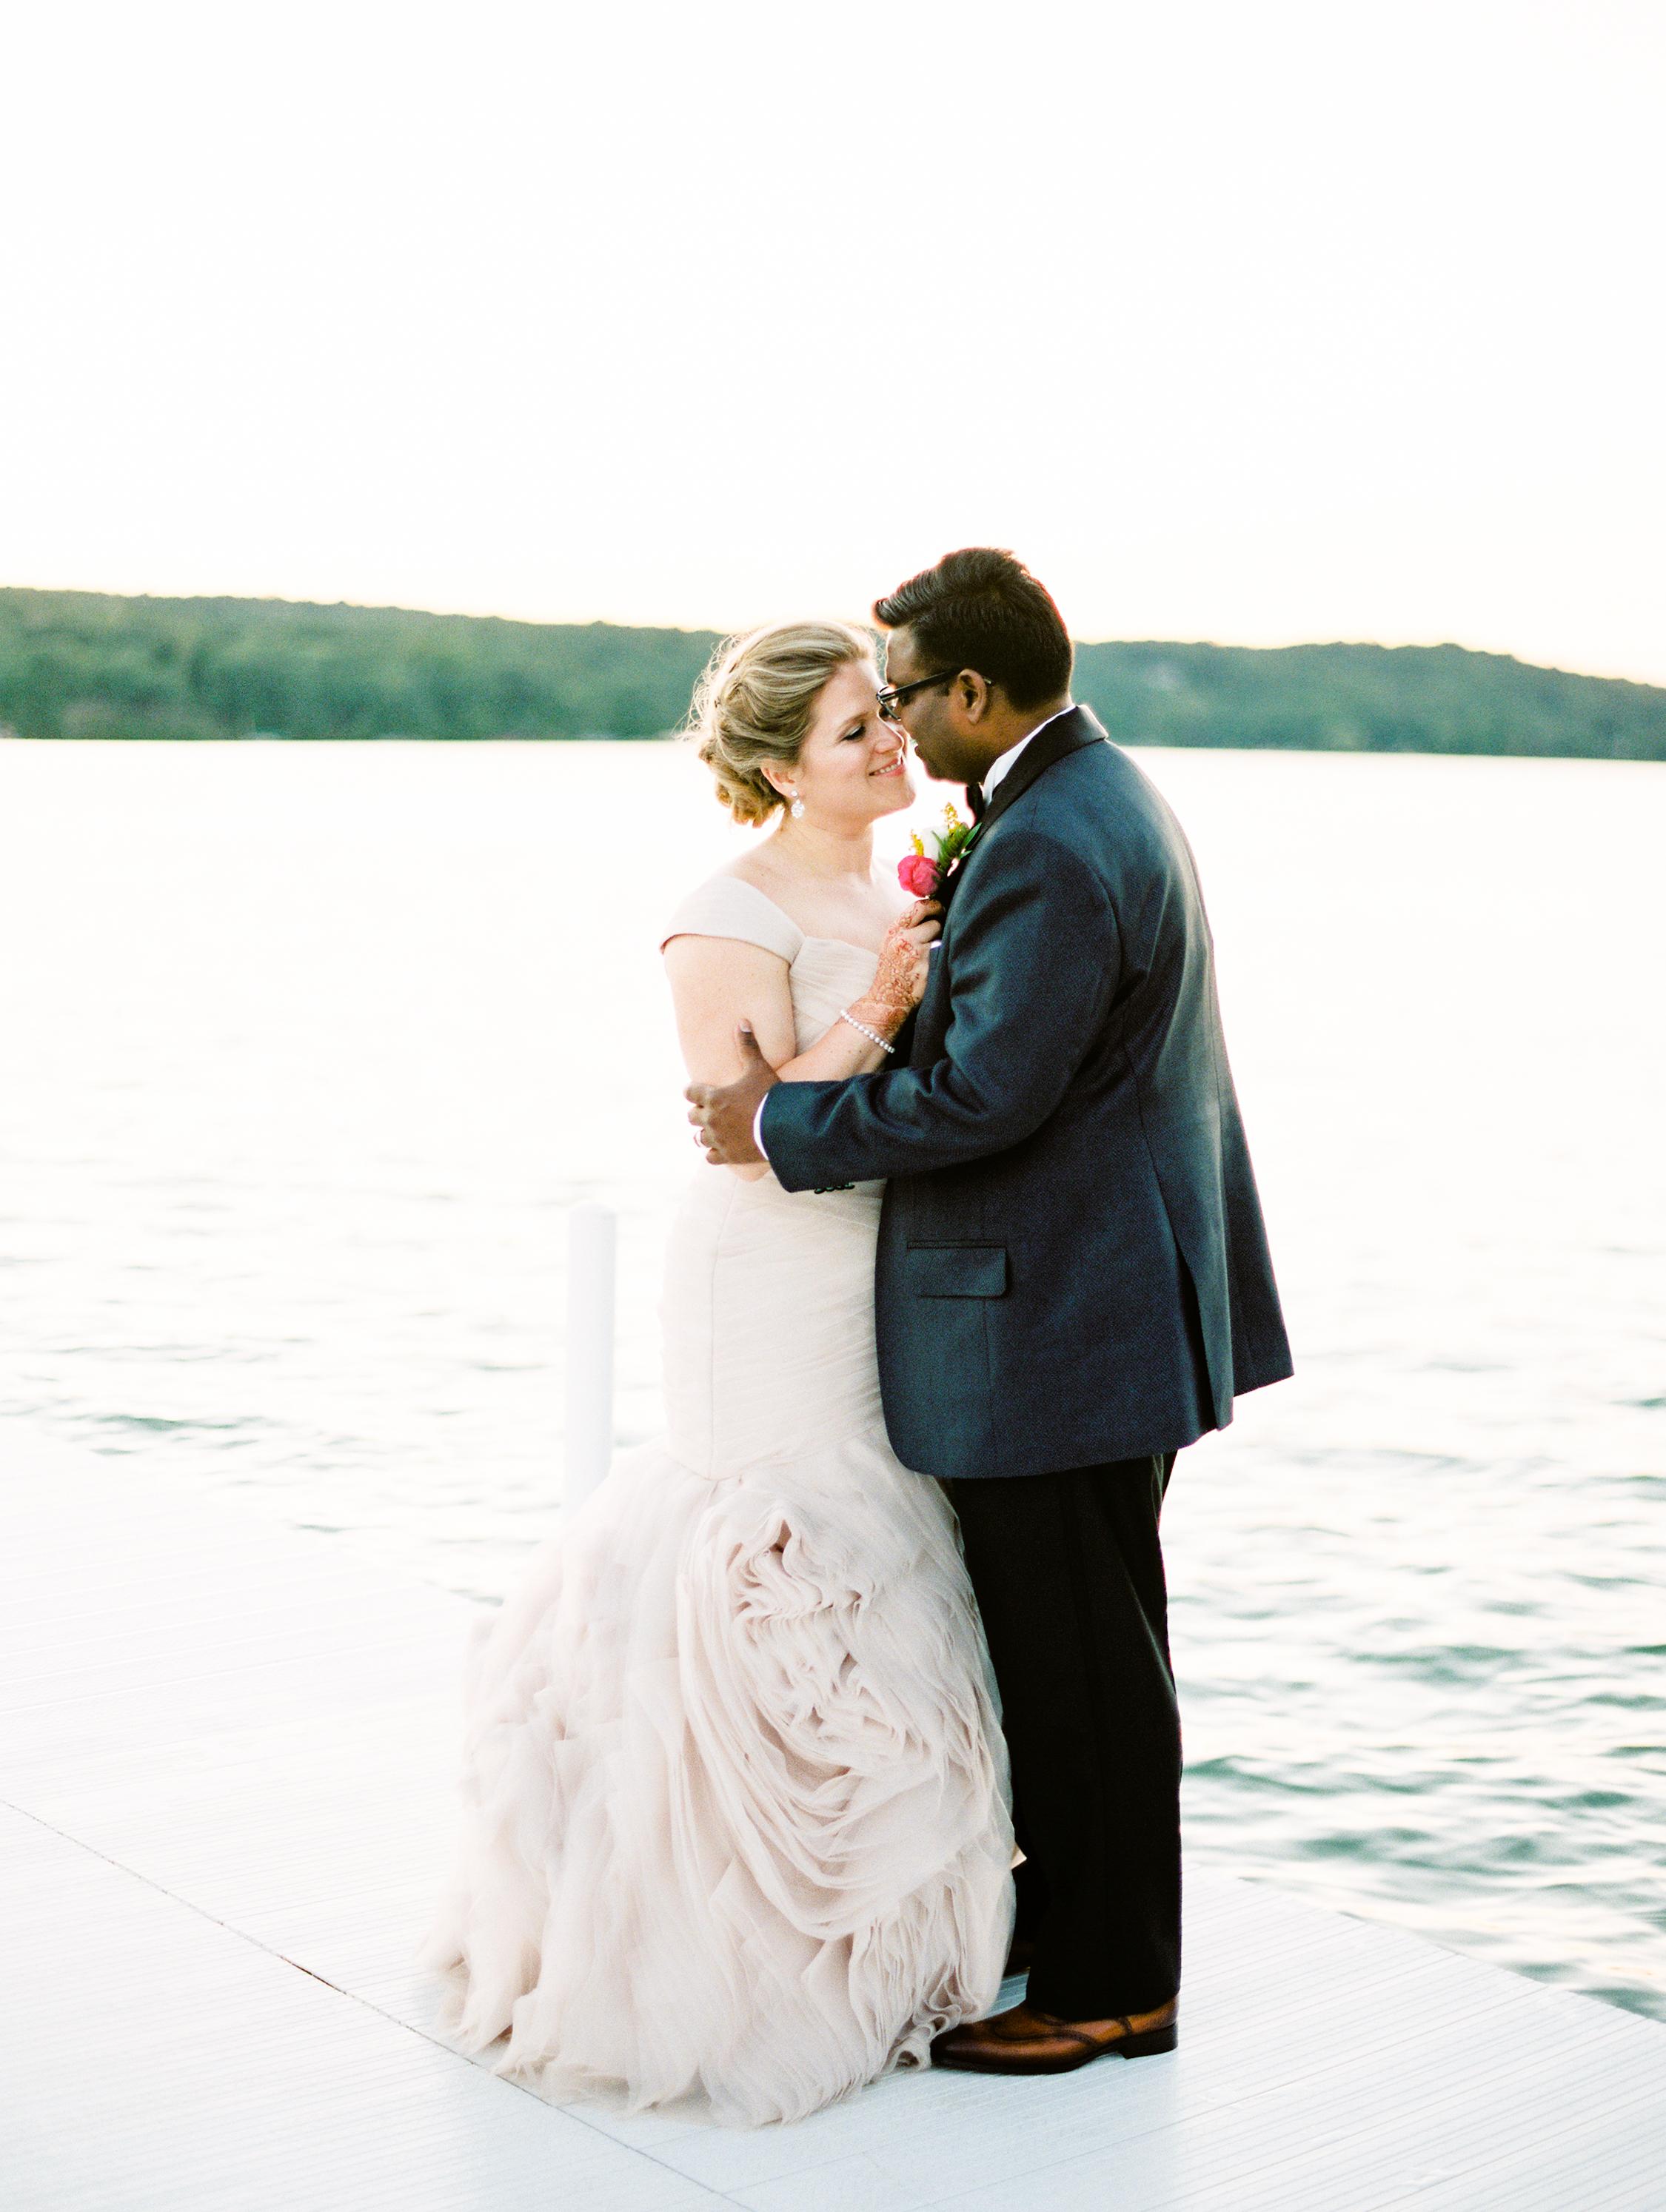 Govathoti+Wedding+Reception+BridalParty-46.jpg